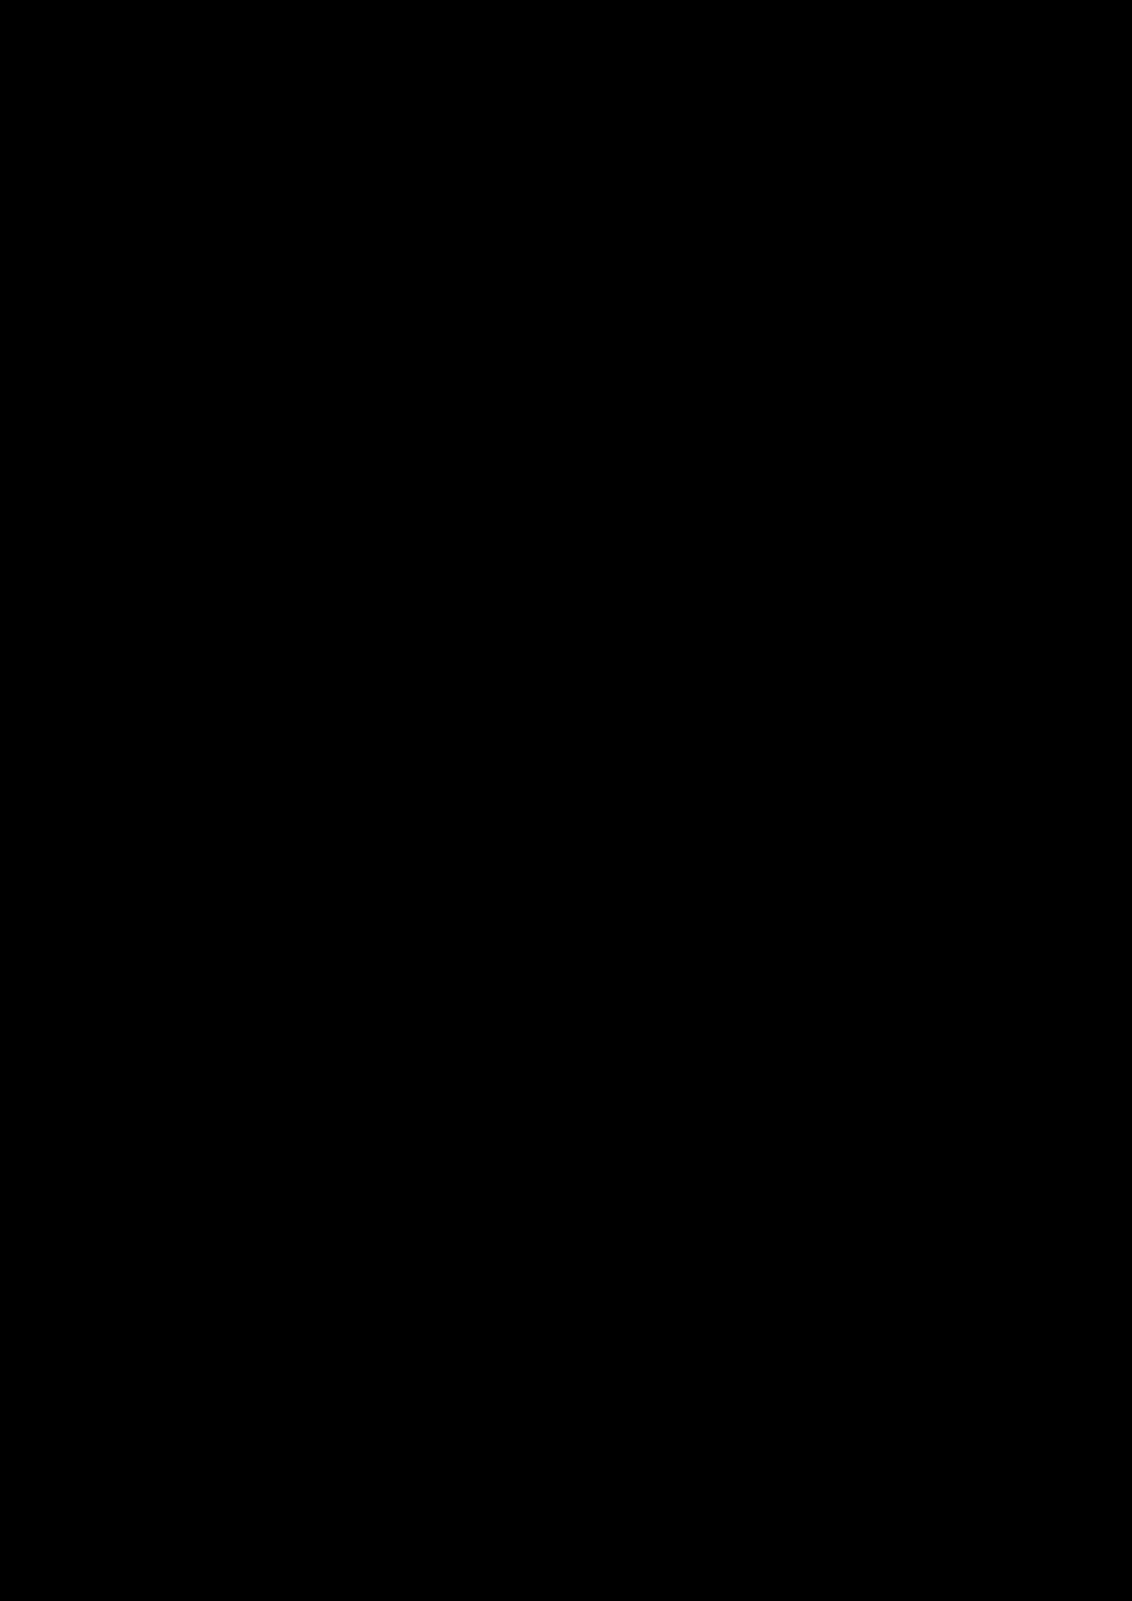 Hools slide, Image 2